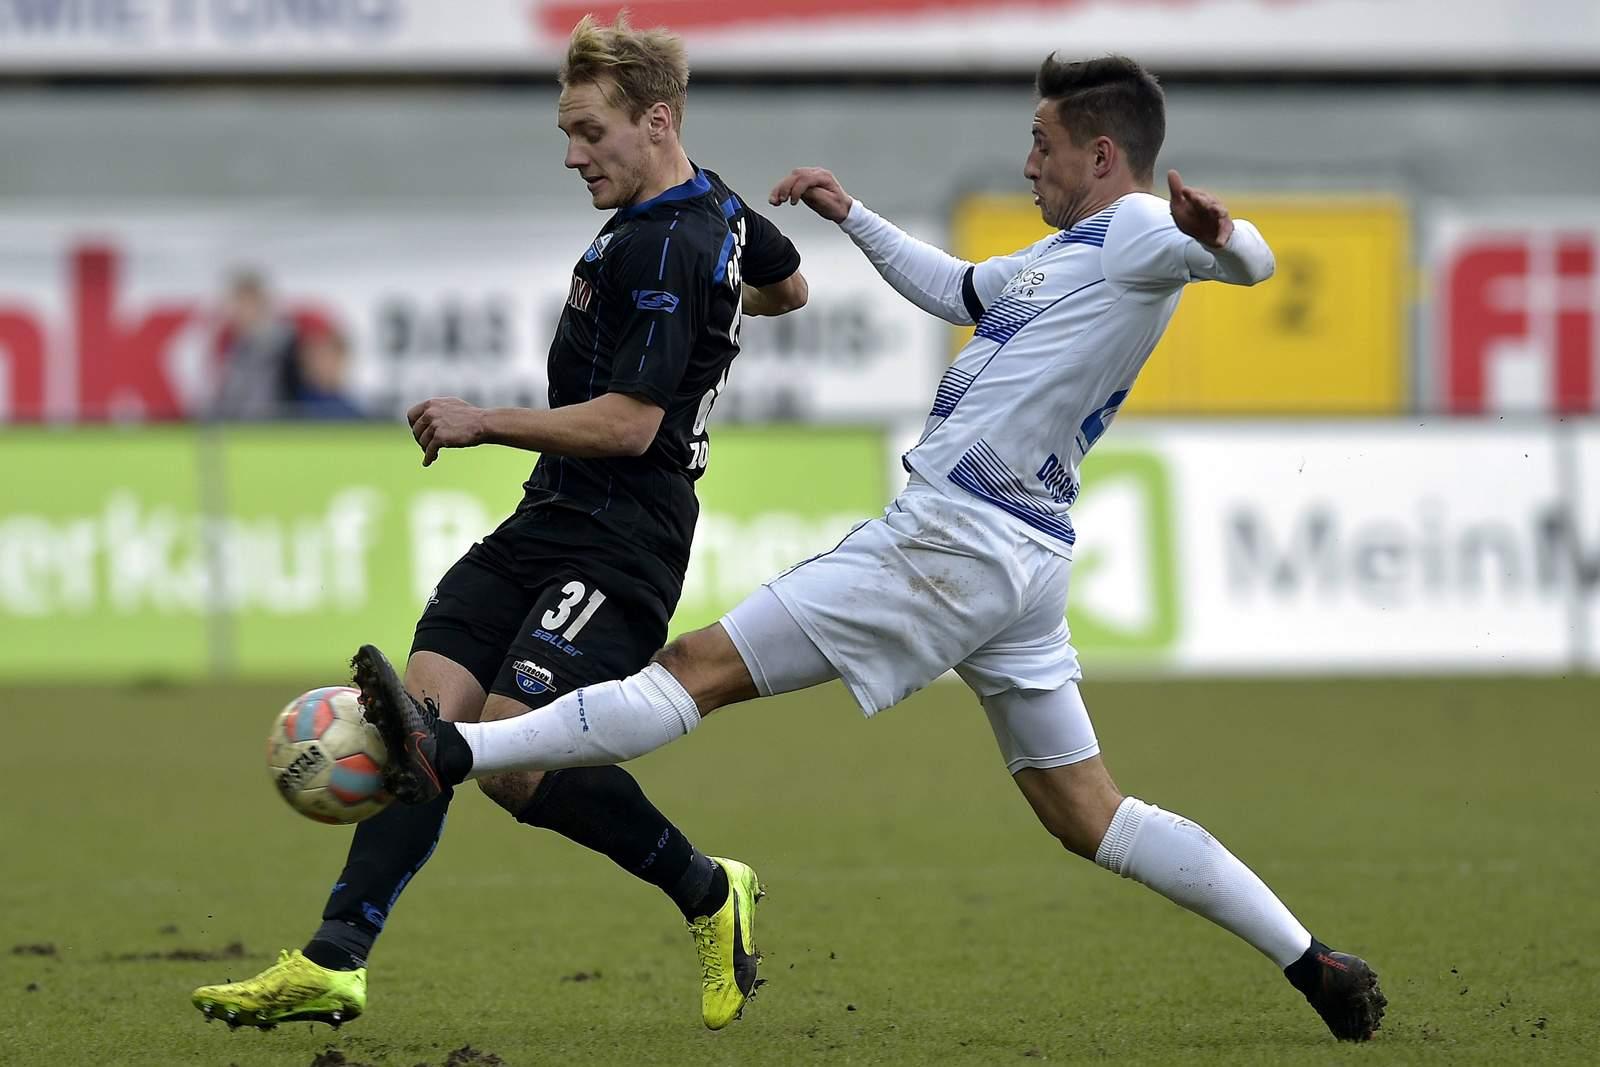 Behauptet sich Fabian Schnellhardt gegen Ben Zolinski? Jetzt auf Duisburg gegen Paderborn wetten.